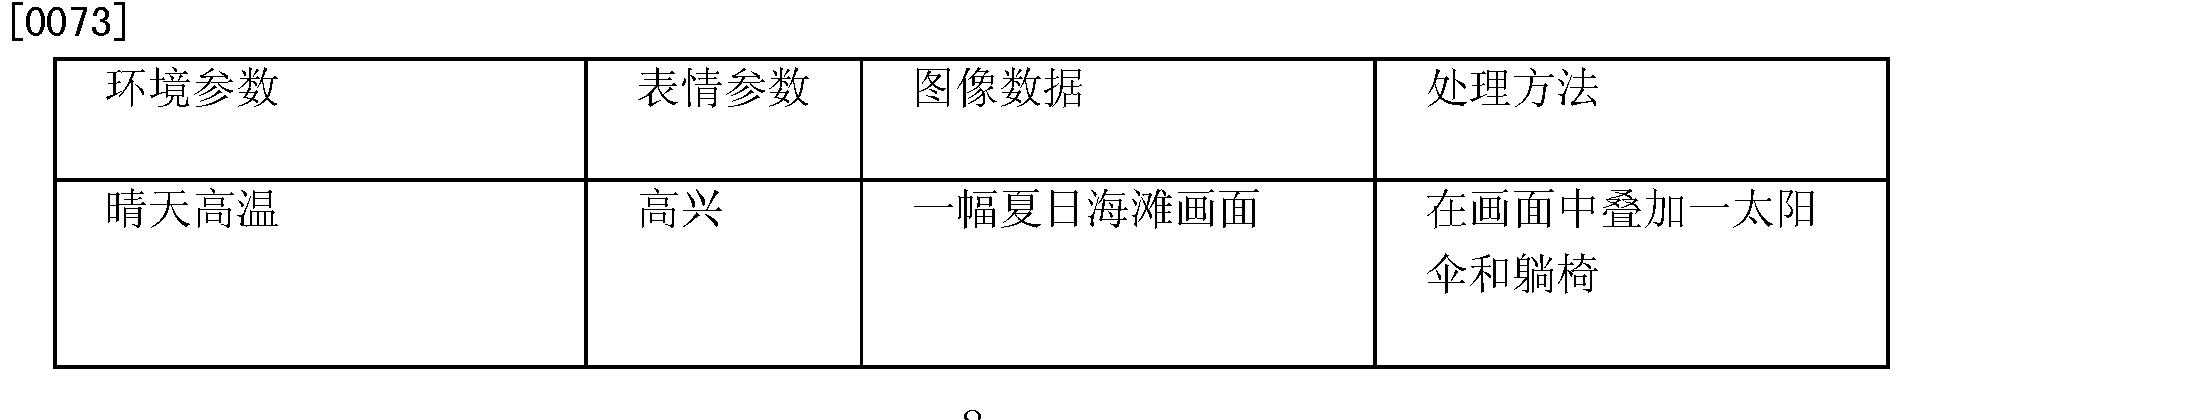 Figure CN101604491BD00082